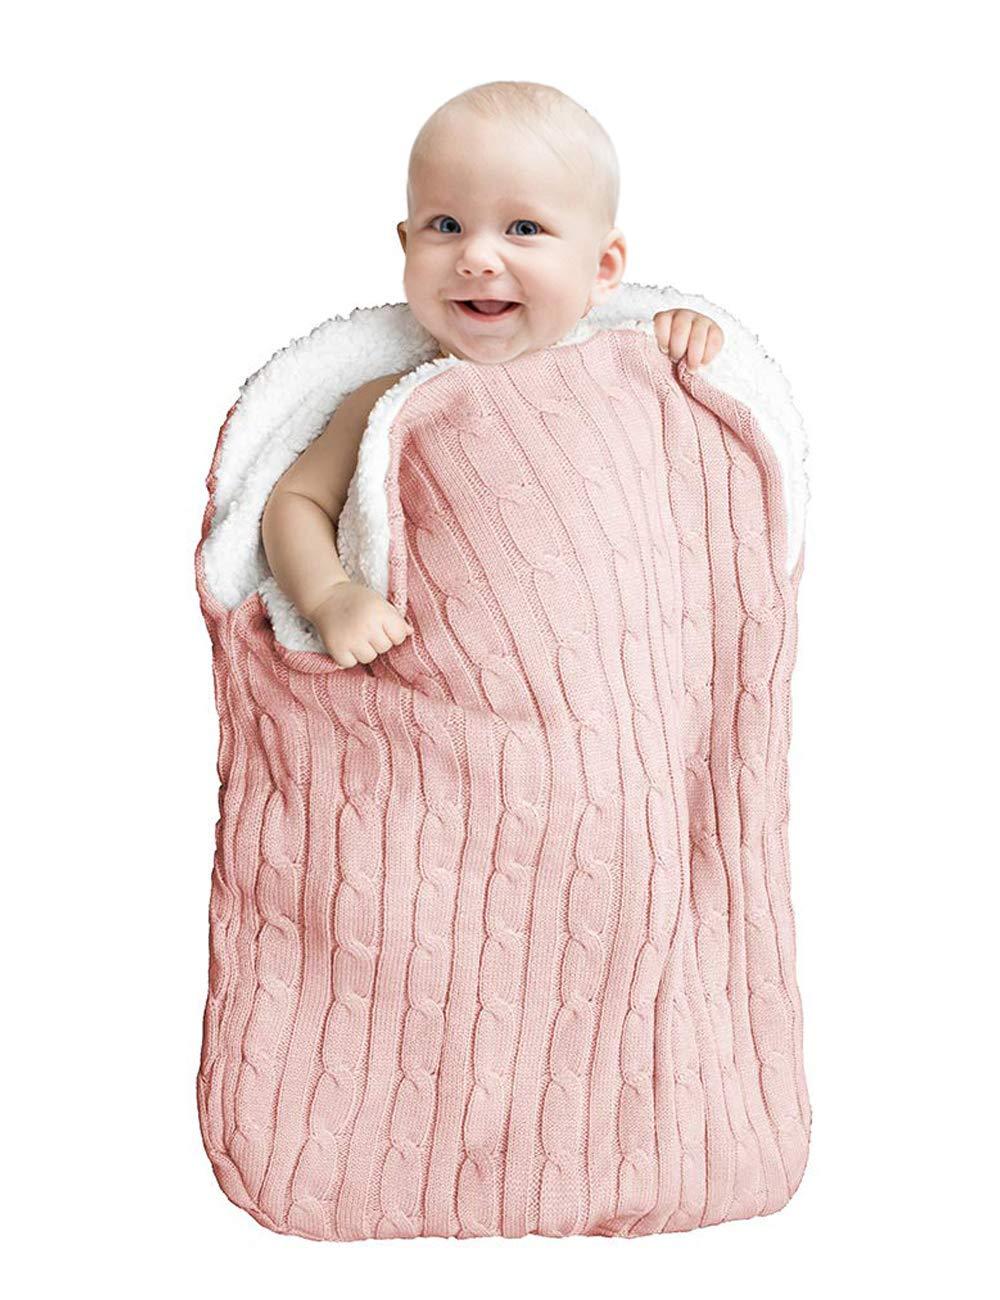 unisex per neonati per neonati da 0 a 12 mesi leggera per passeggino morbida Coperta avvolgente per neonati a maglia in pile spesso